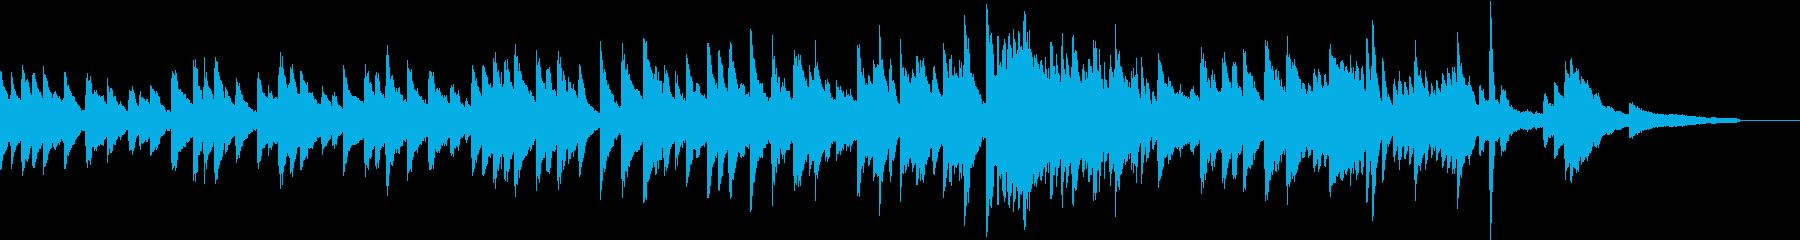 童謡・紅葉のピアノソロアレンジ。の再生済みの波形